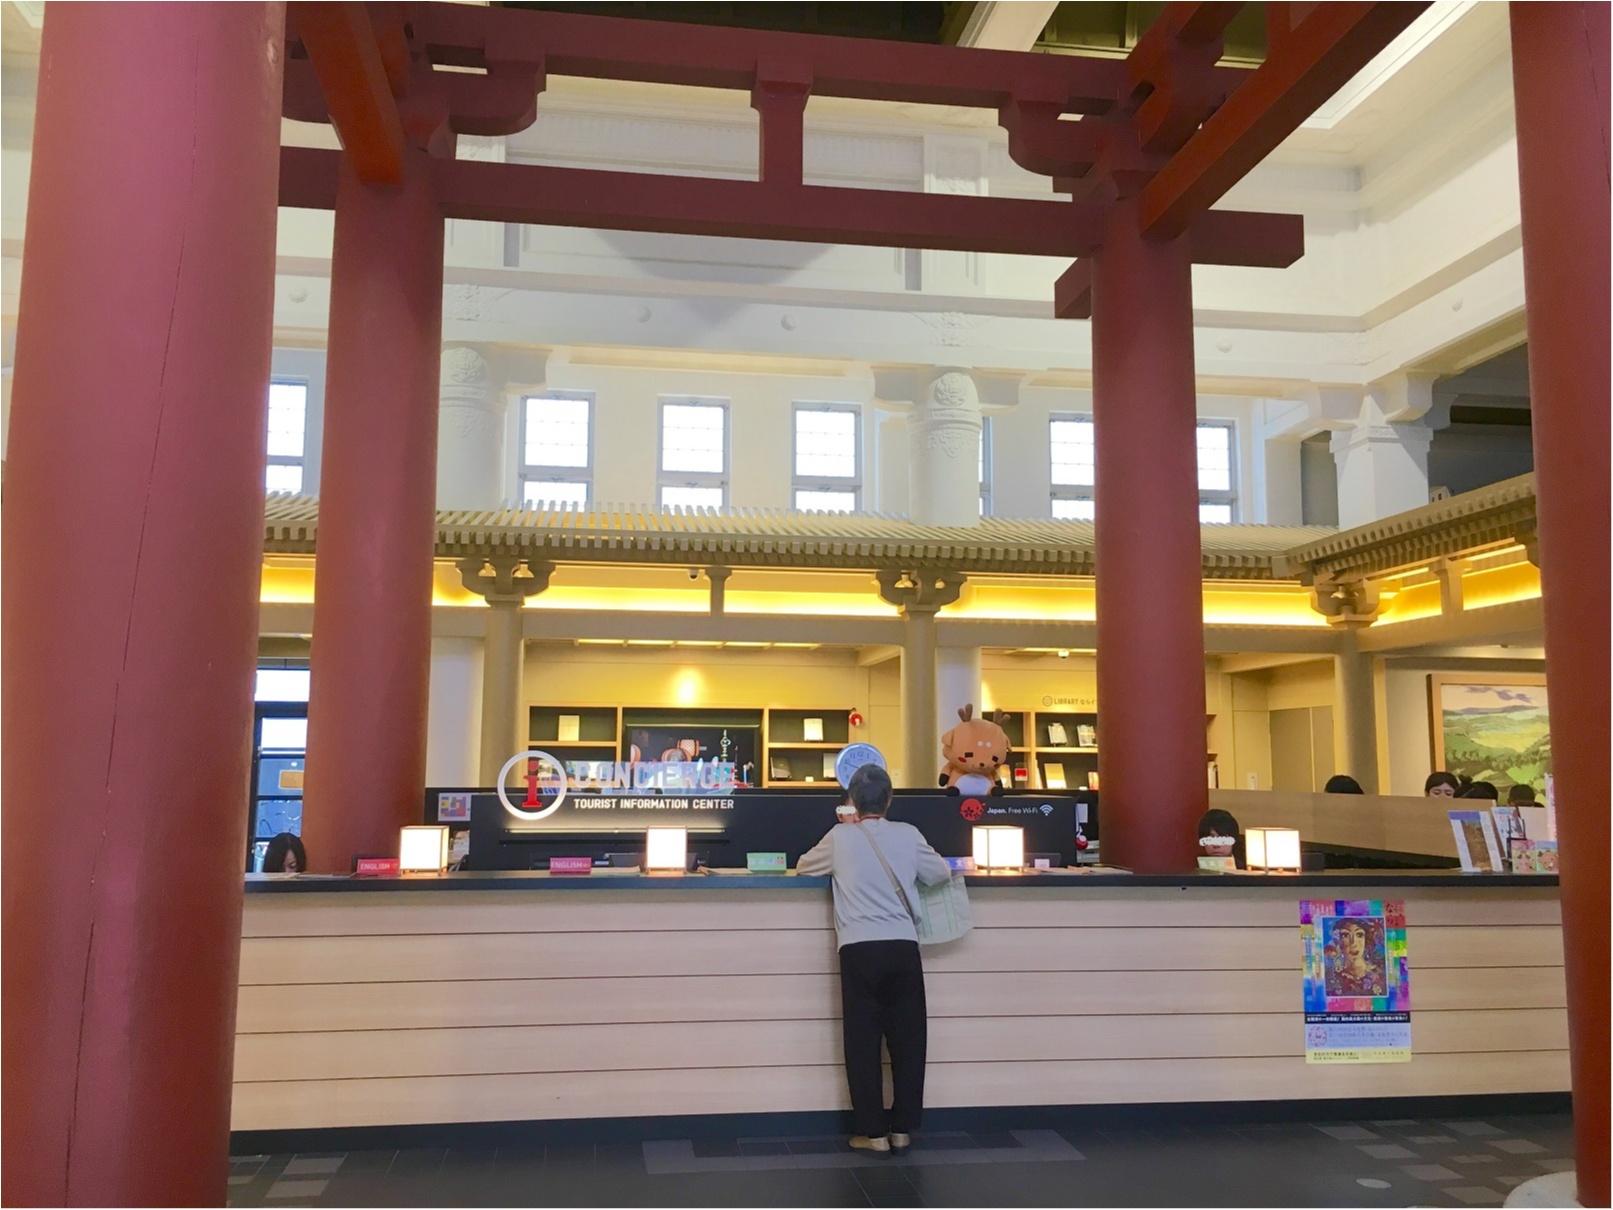 〖ご当地MORE〗奈良駅のスタバは旧〇〇!レトロ感もあって雰囲気最高♪奈良観光の時はチェックすべし★_4